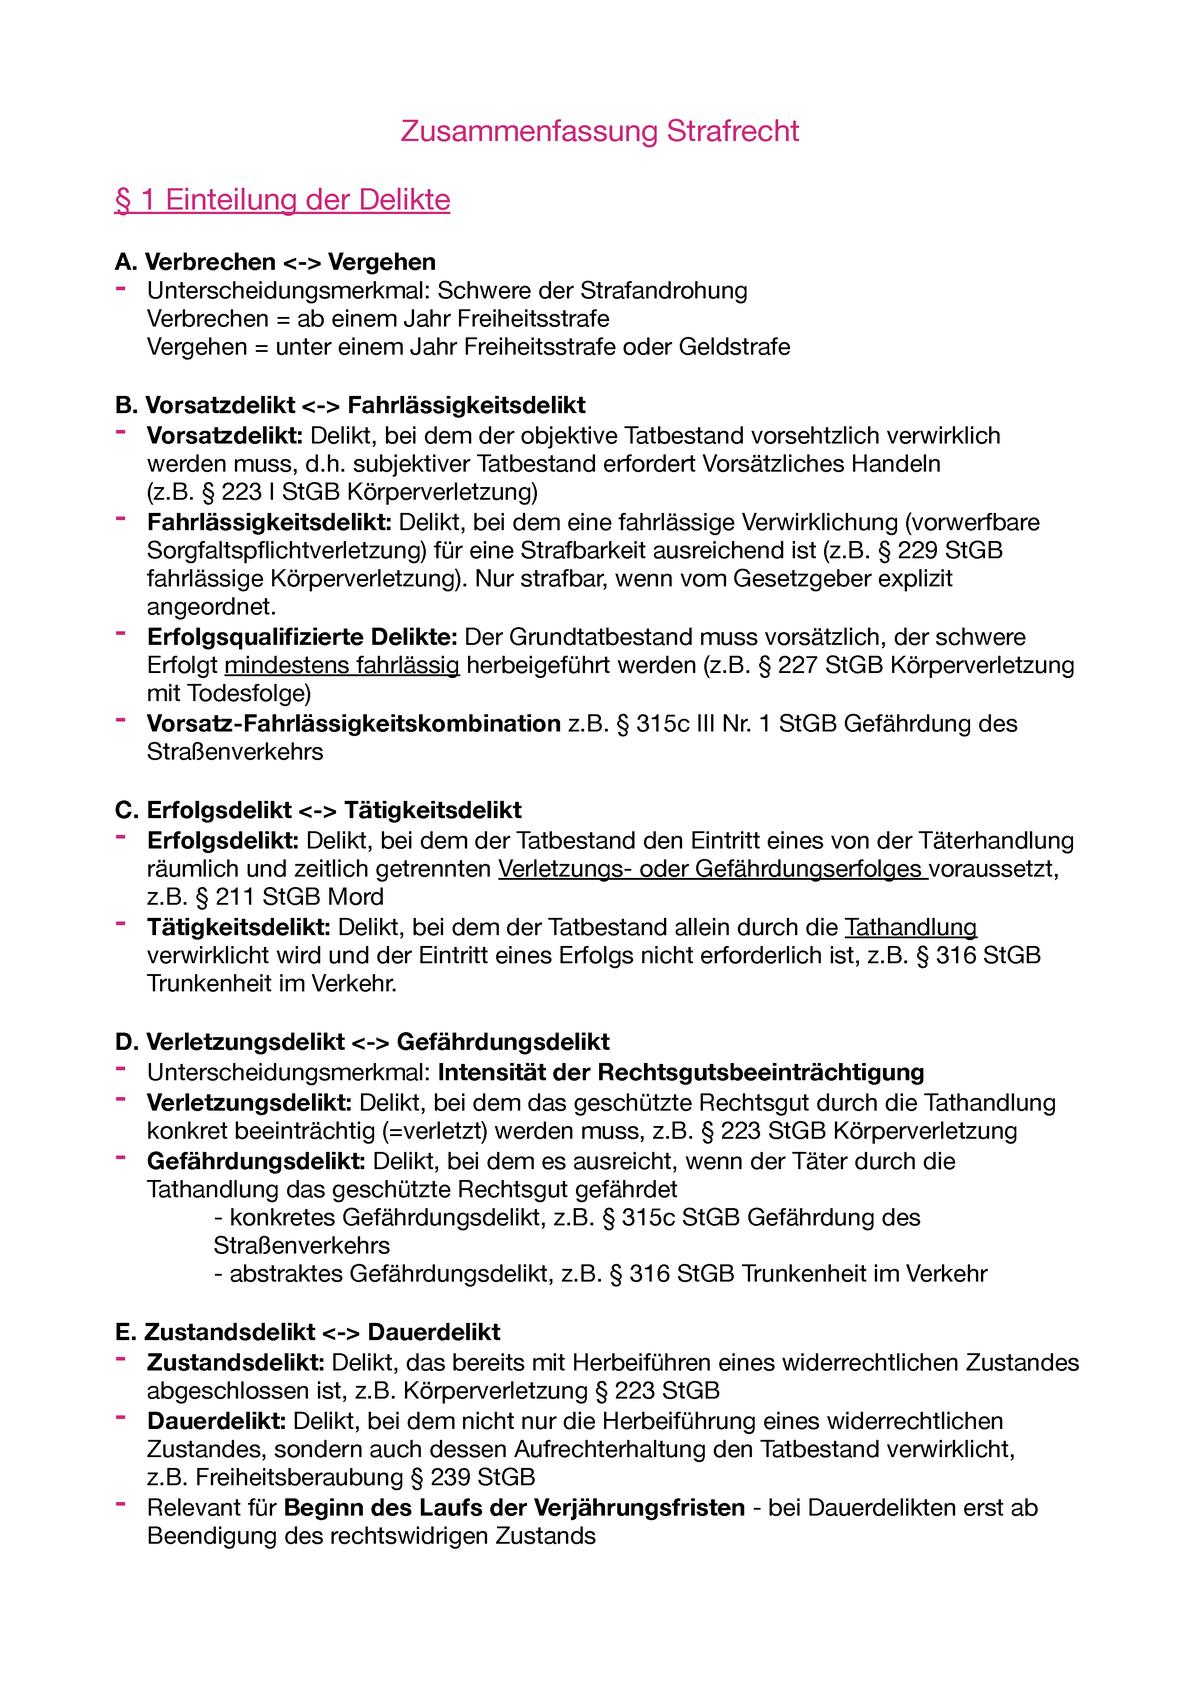 Zusammenfassung Strafrecht Grundkurs I Uni Augsburg Studocu